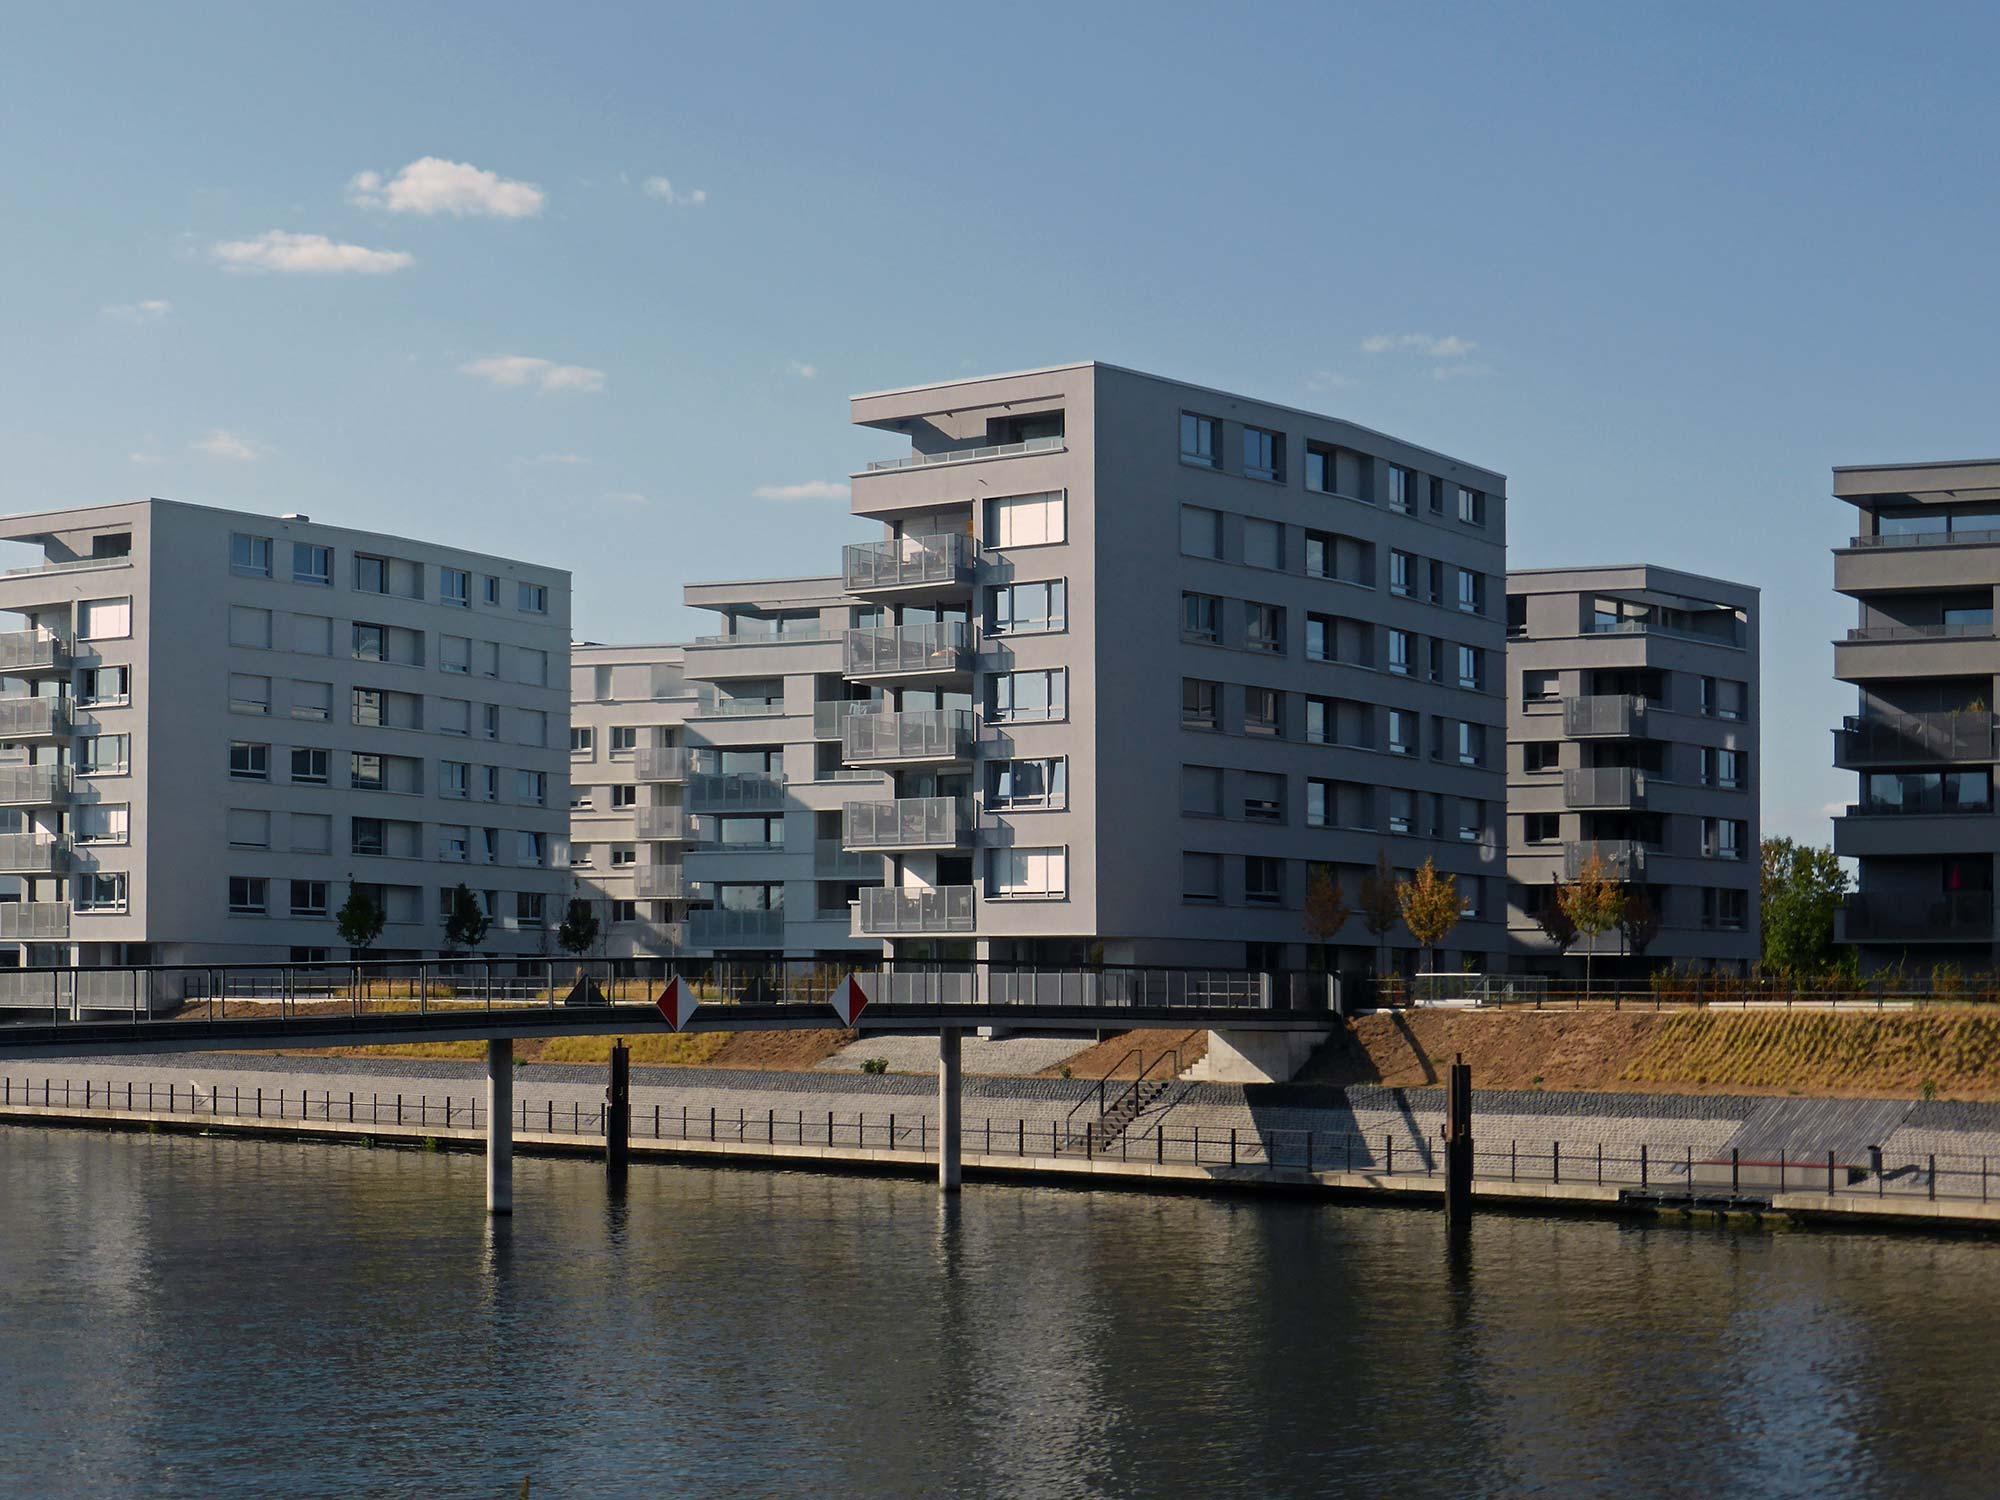 Offenbach Hafen - Hafenareal Offenbach am Main - Neuer Hafen - Wohnungen Hafen Offenbach a.M.